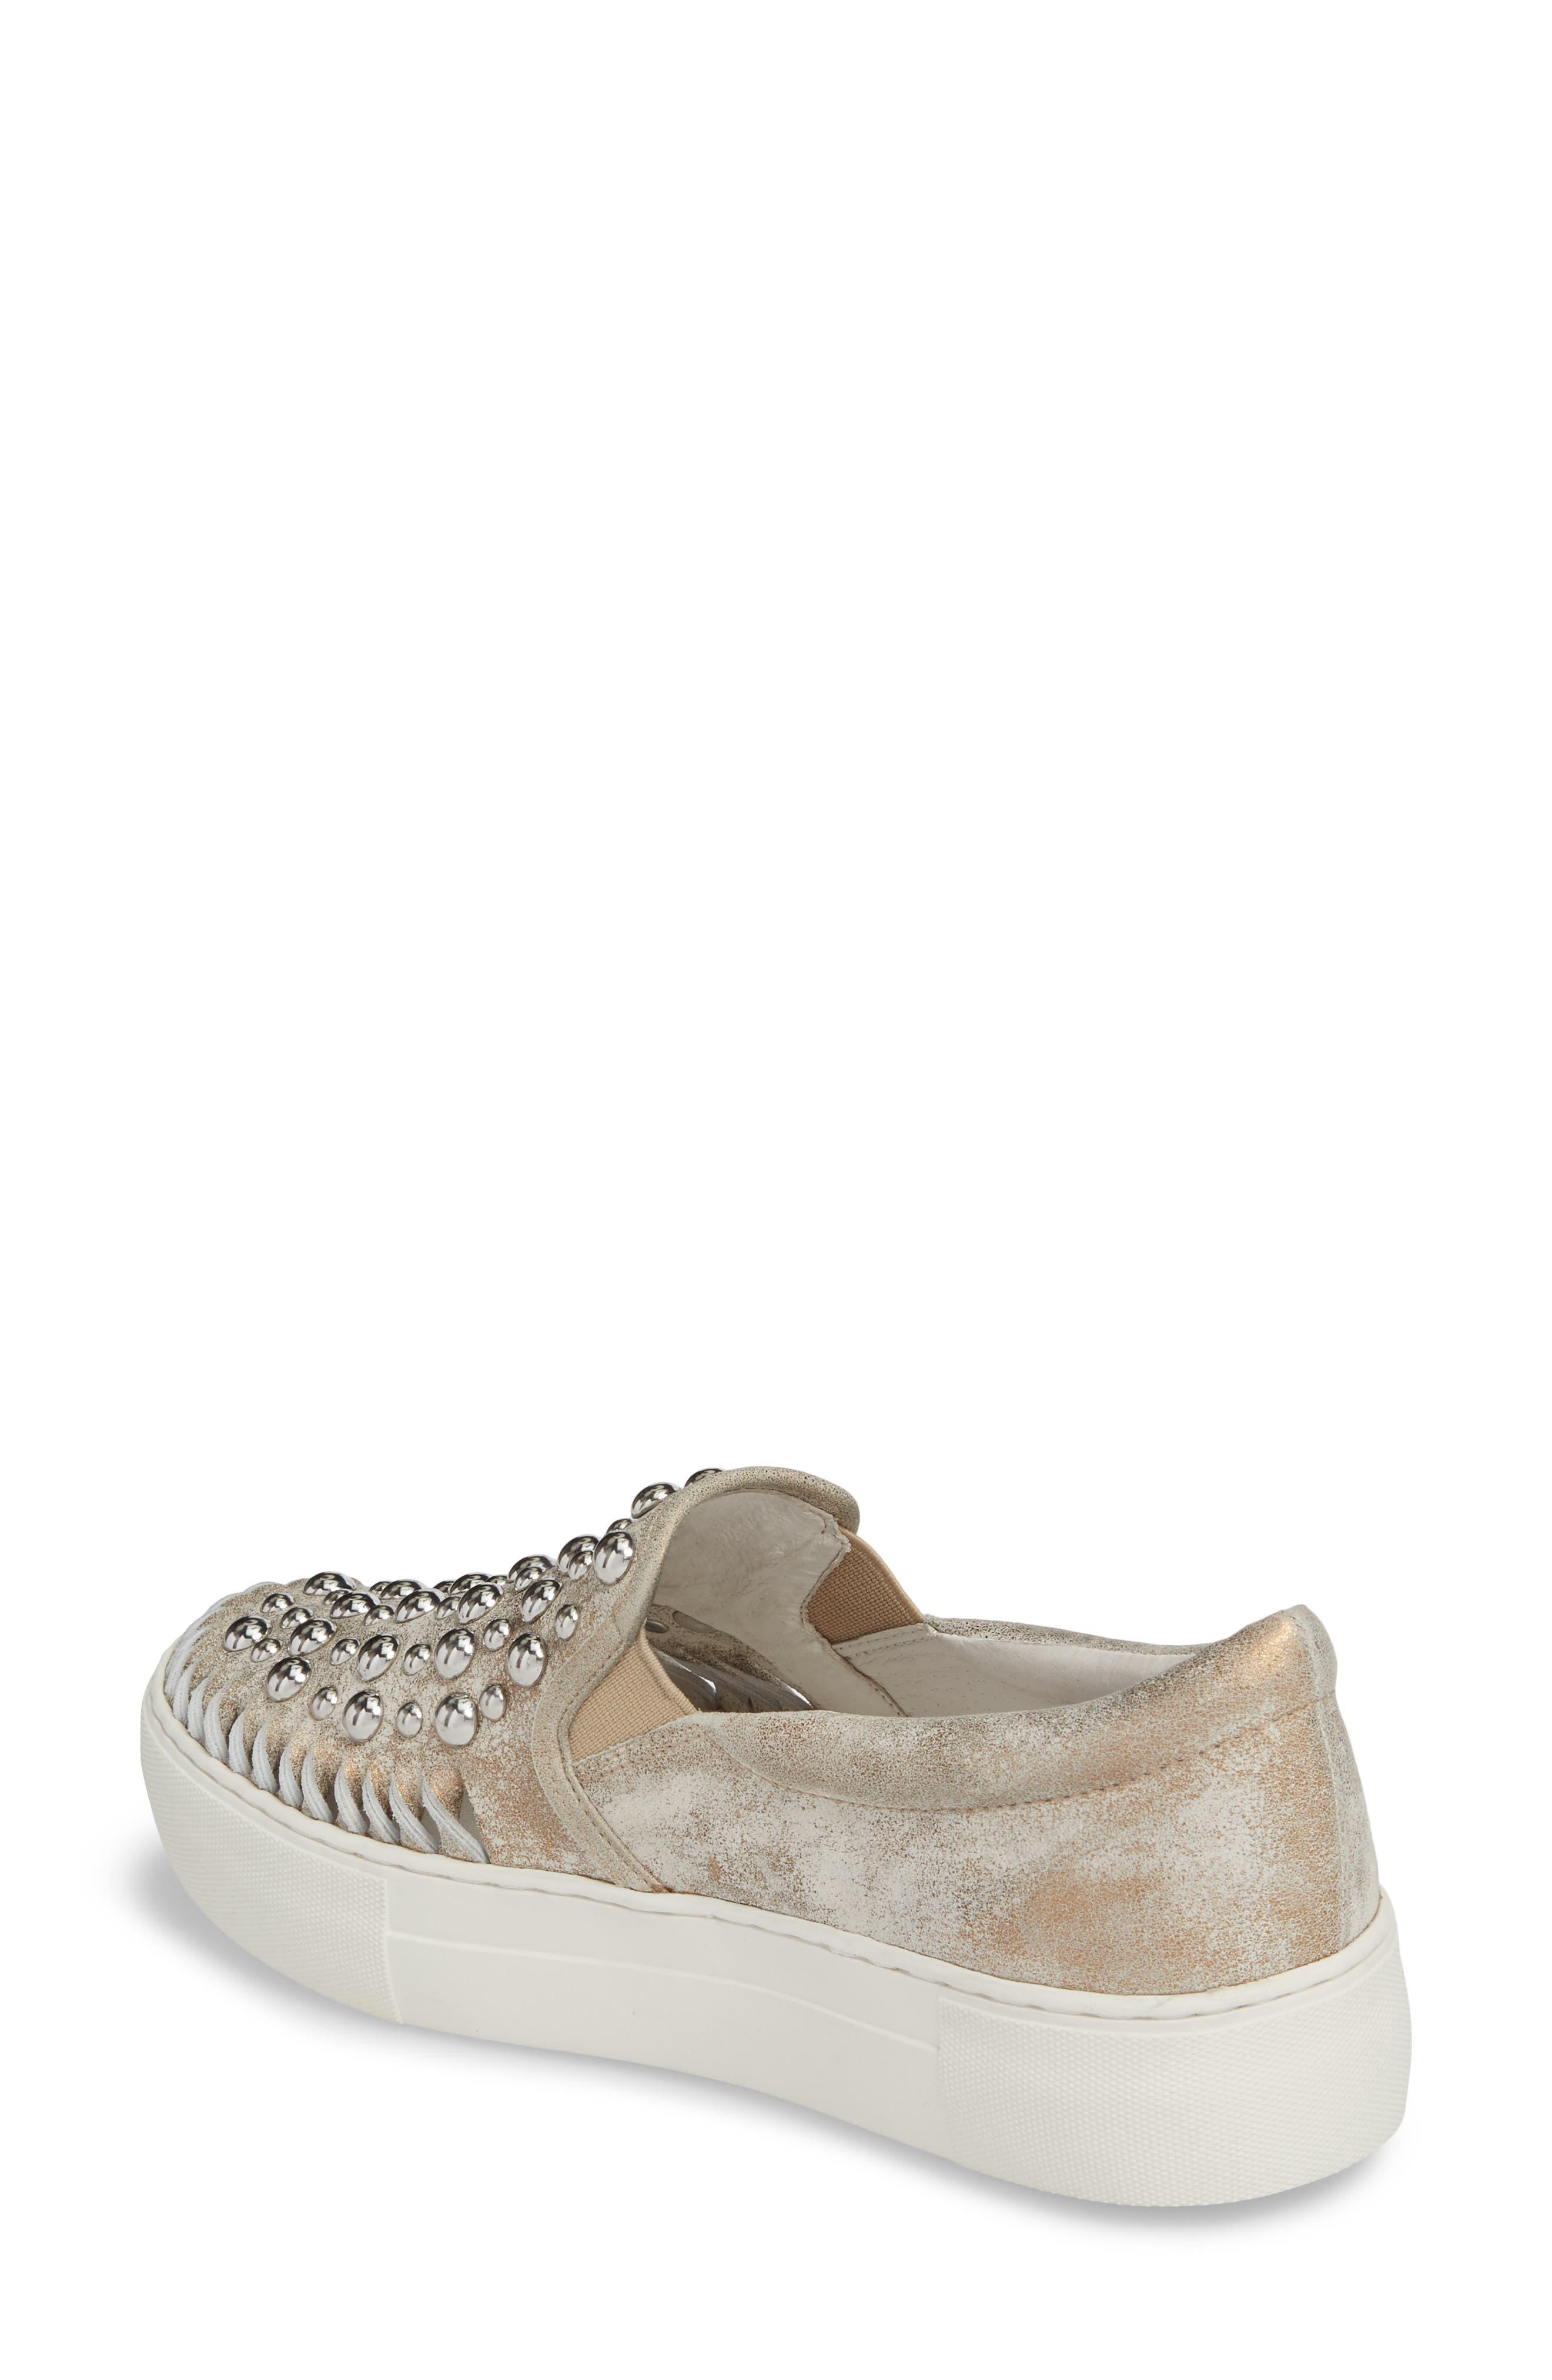 AZT Studded Slip-On Sneaker,                             Alternate thumbnail 2, color,                             Bronze Leather